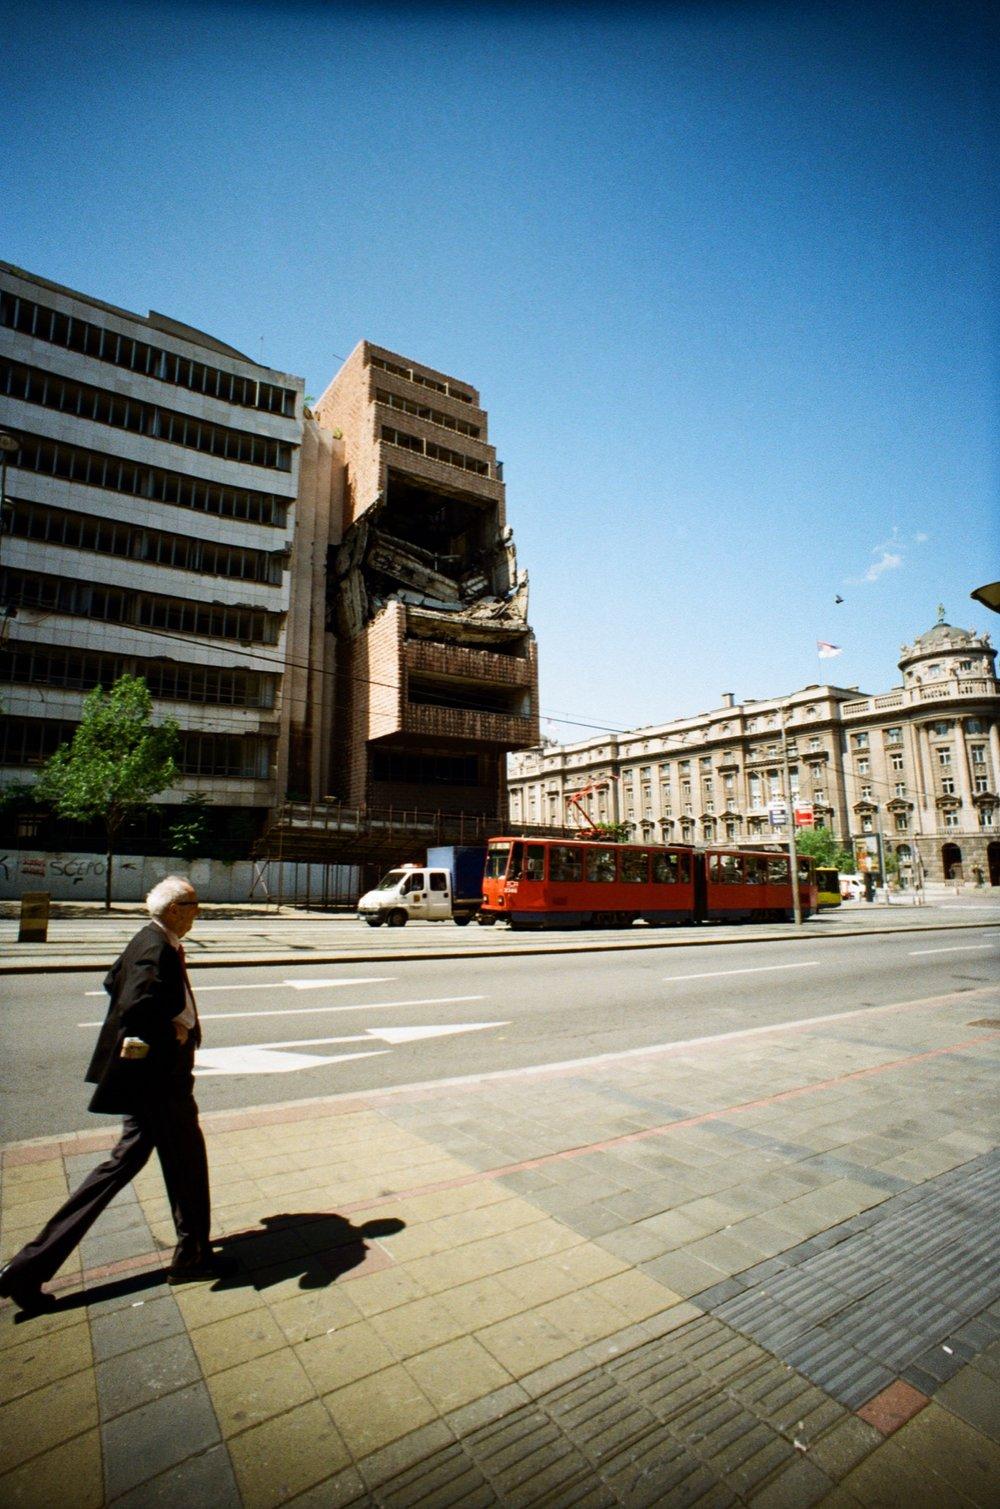 Yugoslav Ministry of Defence Building Still Damaged from 1999 NATO Bombing - Summer 2017